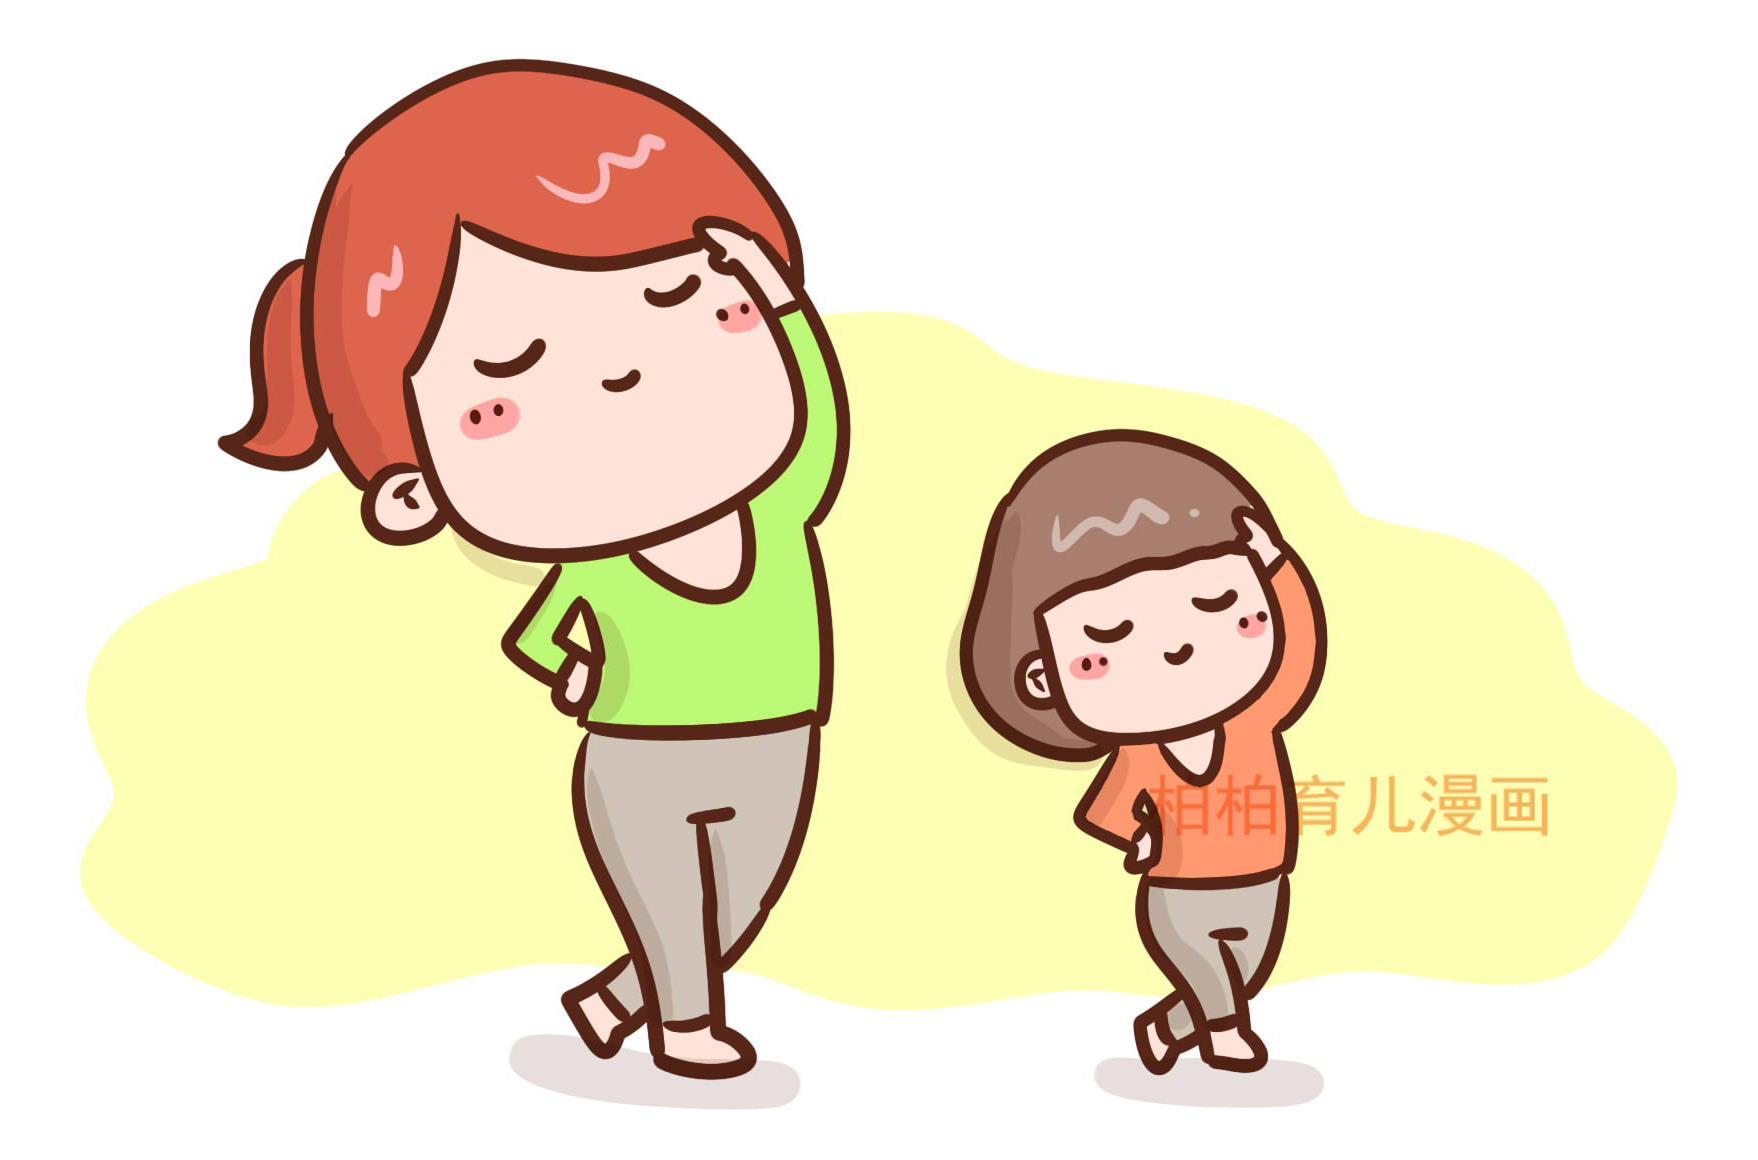 """""""这个苹果要留给妈妈!""""父母教会孩子爱别人,孩子会受益一生"""